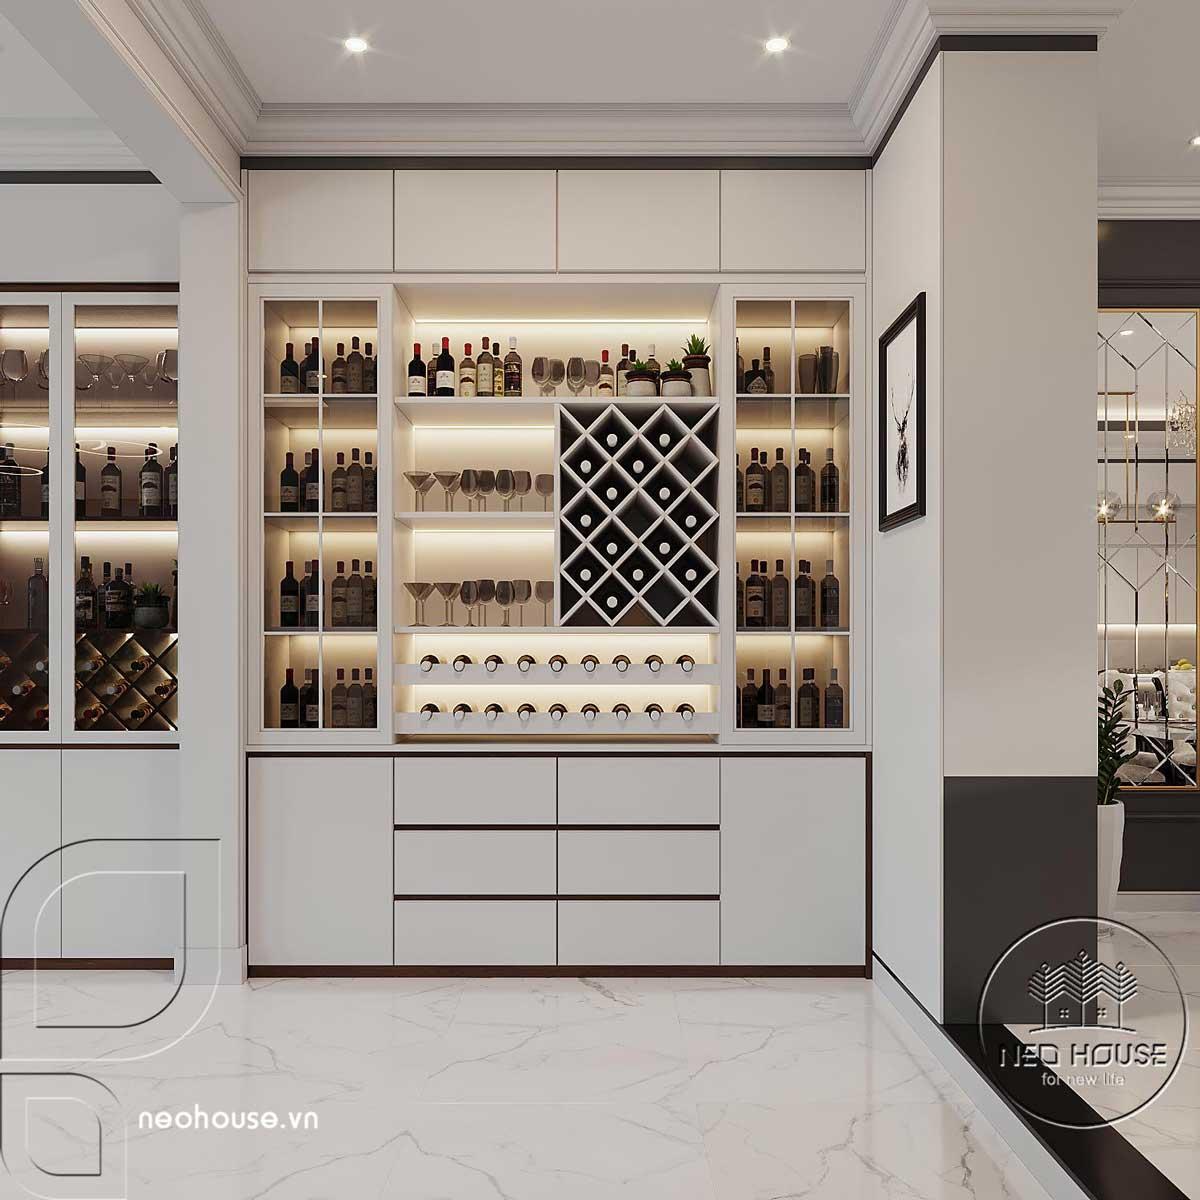 Phối cảnh thiết kế nội thất biệt thự tân cổ điển đẹp 4 tầng cho tủ trang trí